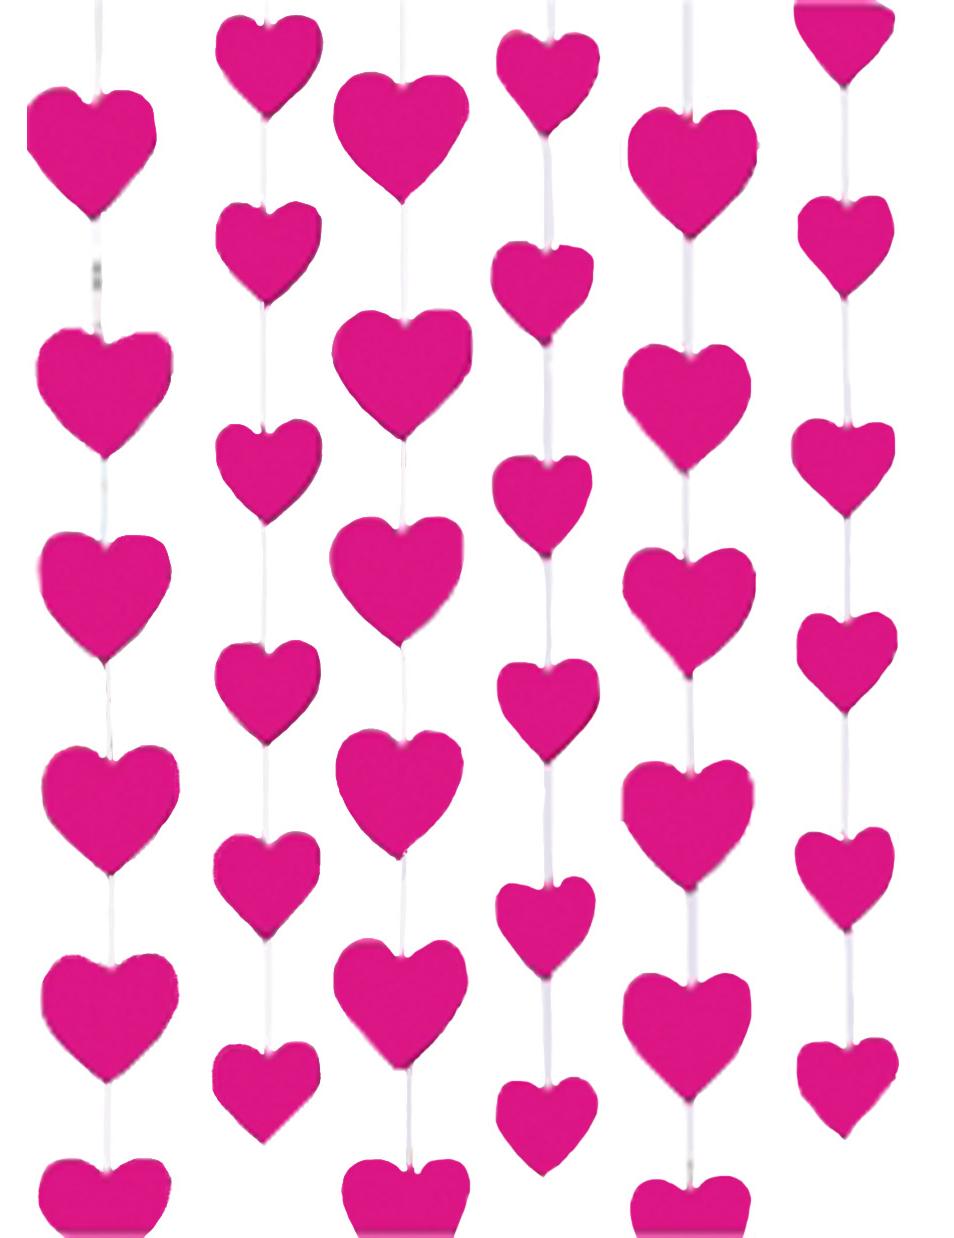 Висячие сердечки из бумаги